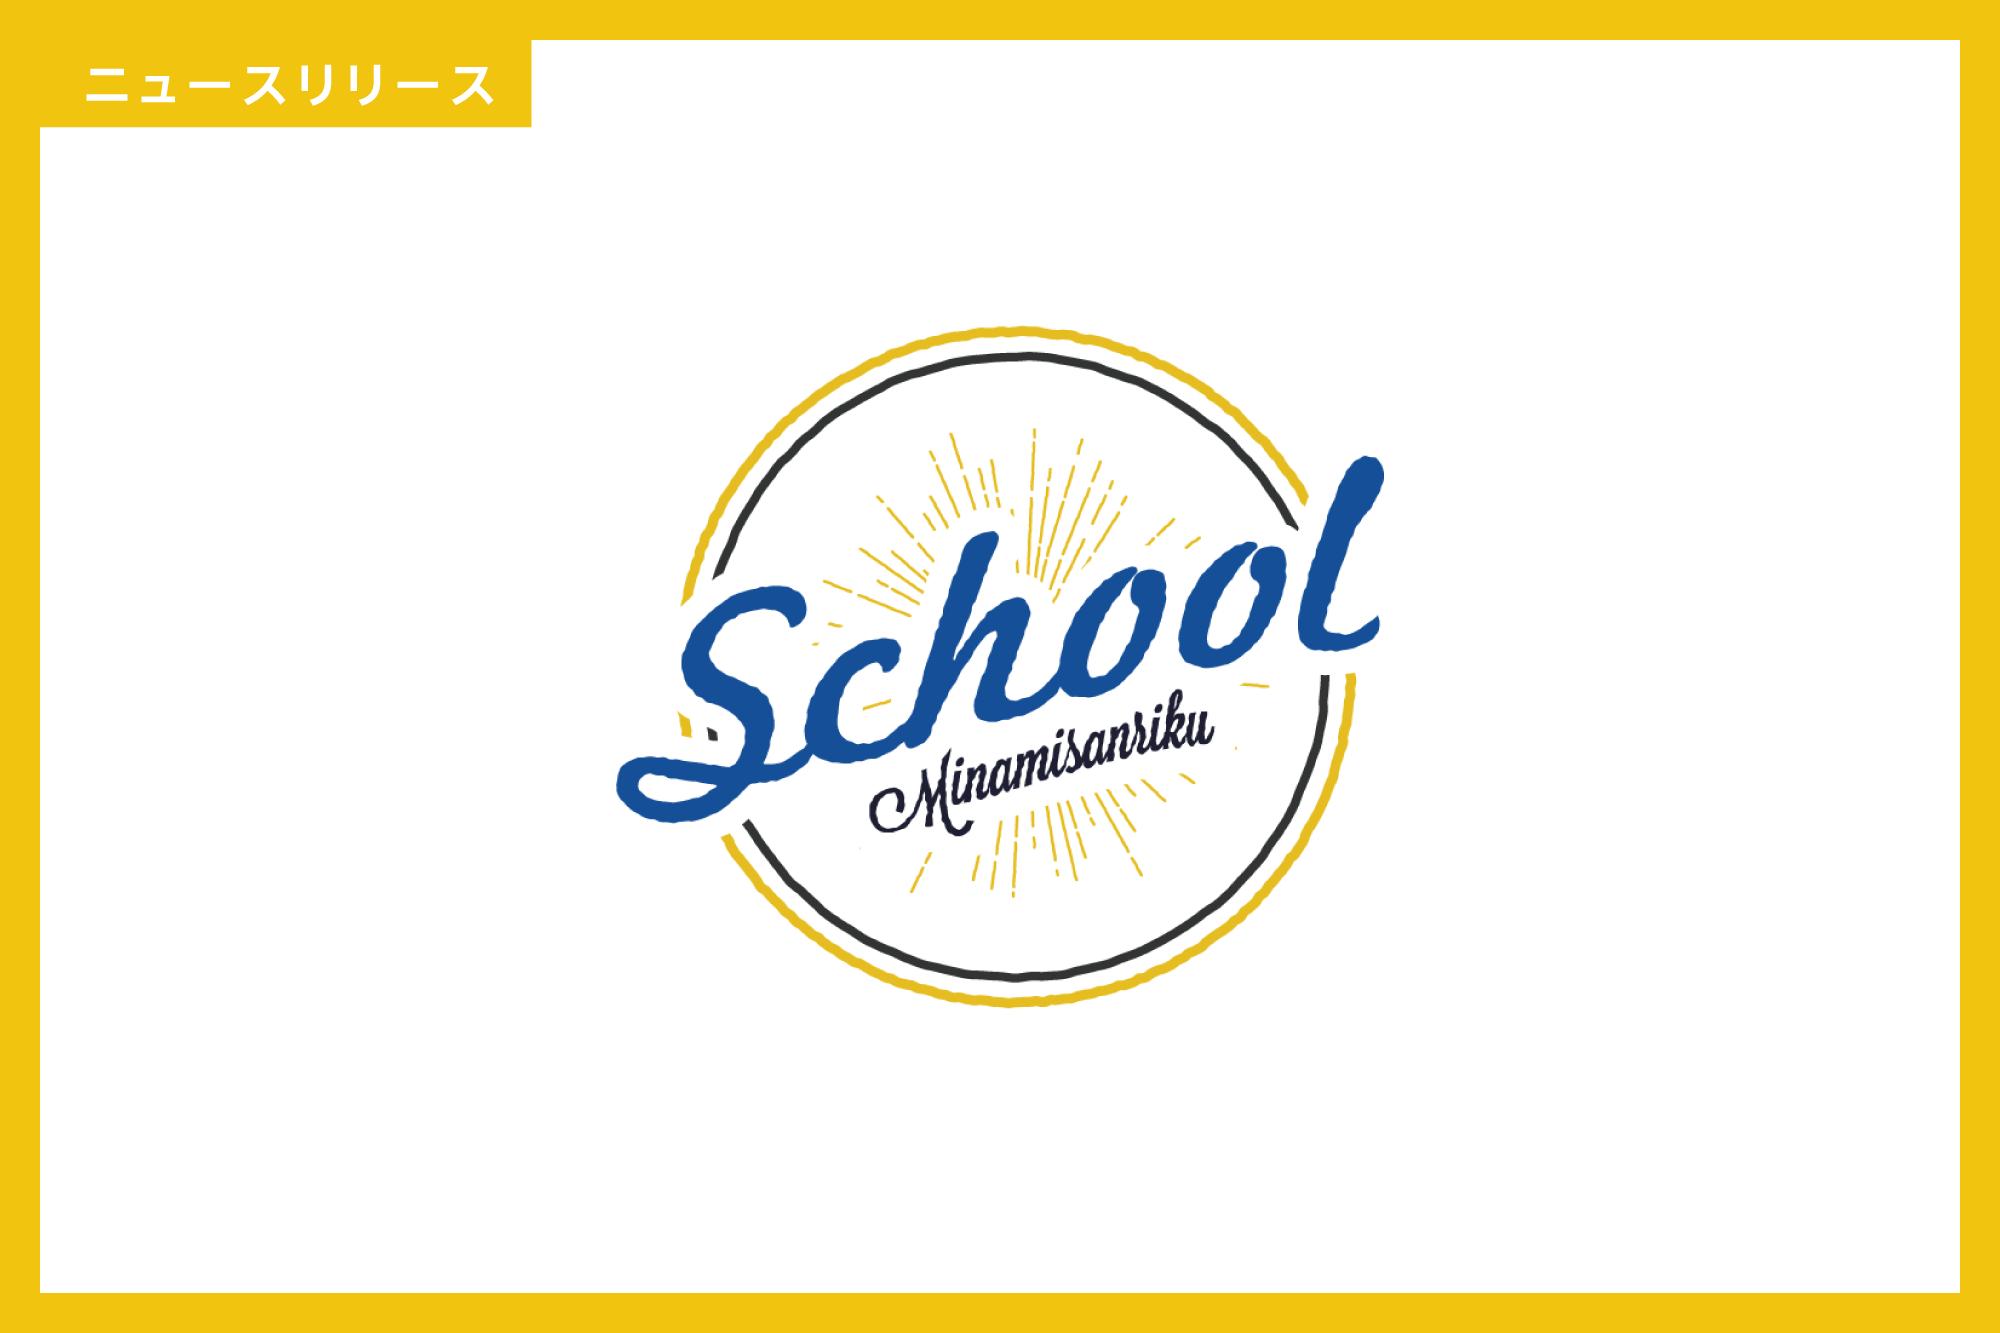 南三陸Schoolロゴマーク